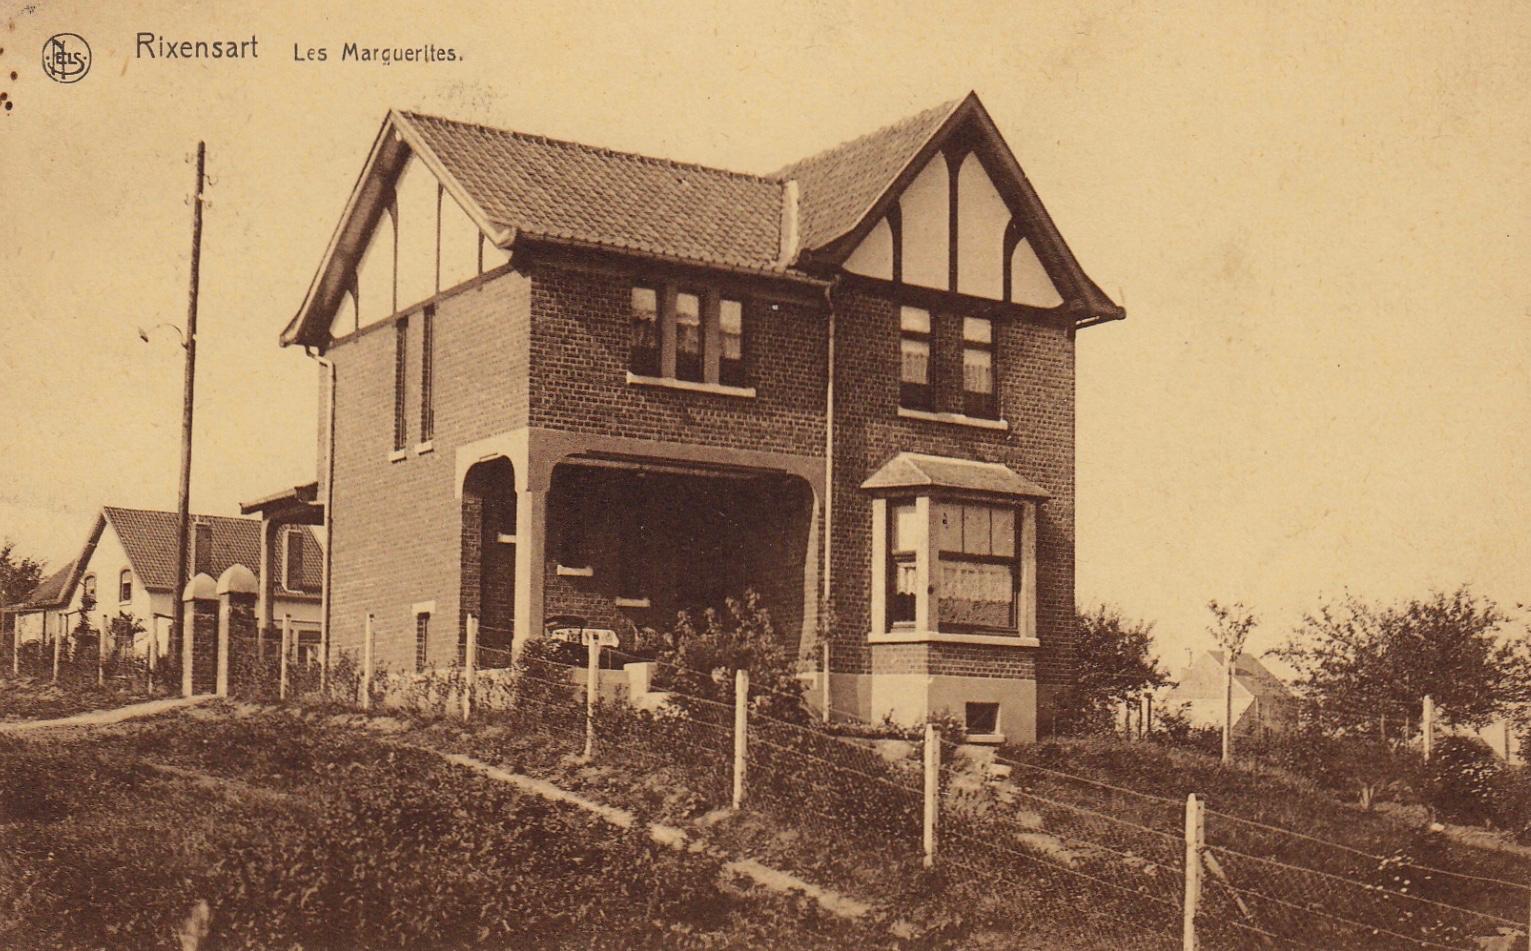 181113 Les Marguerites vers 1925 coll. Jean-Louis Lebrun